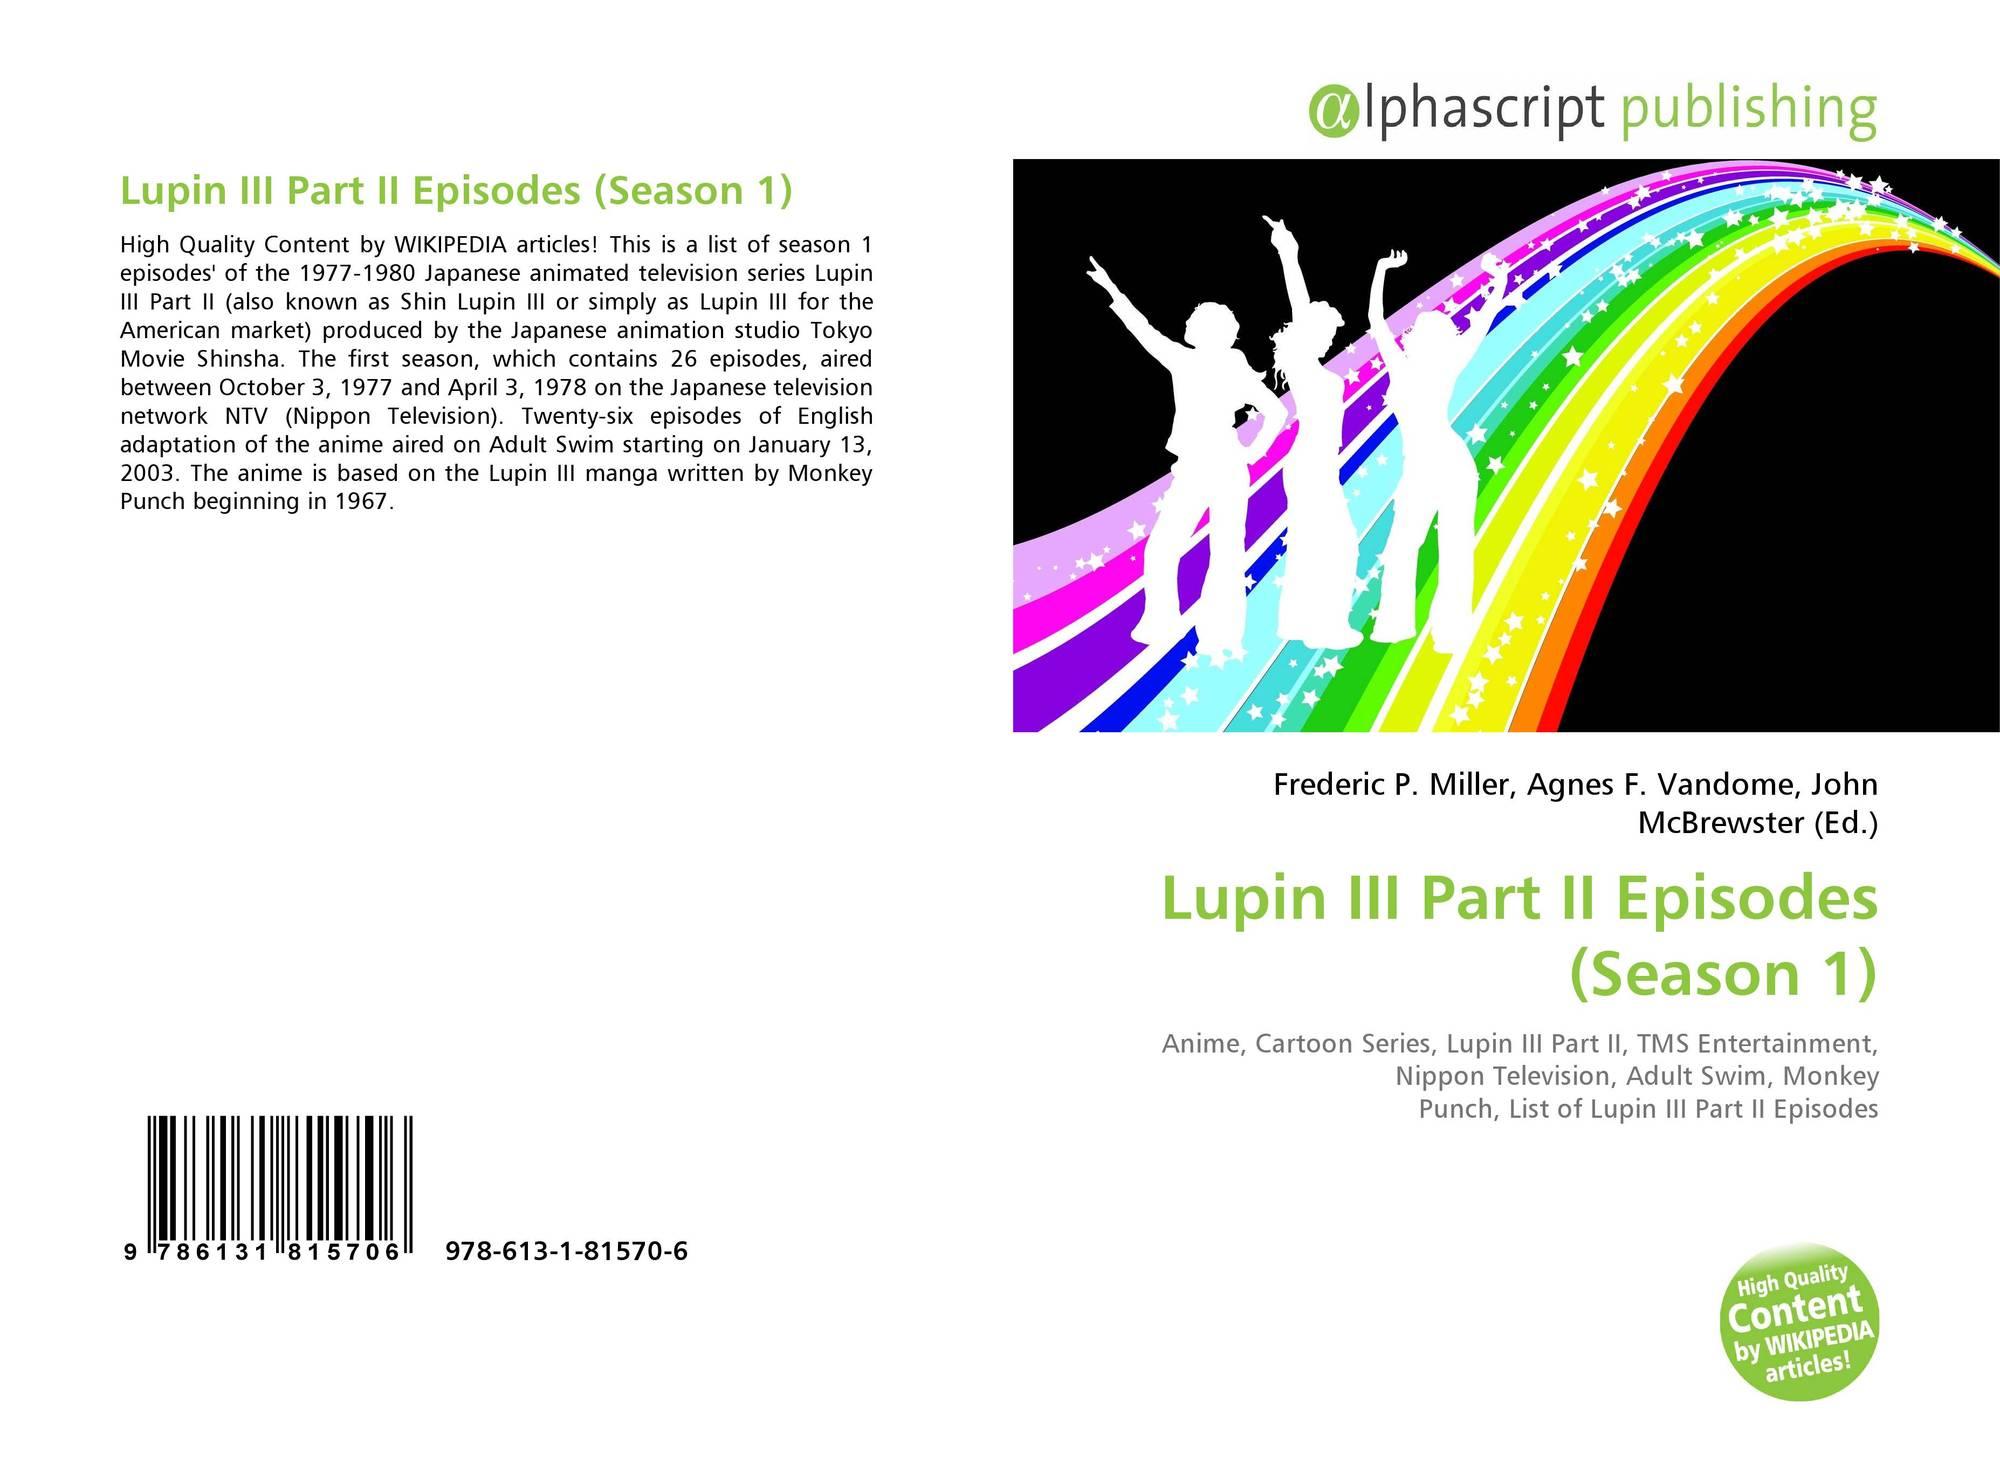 Lupin III Part II Episodes (Season 1), 978-613-1-81570-6, 6131815704